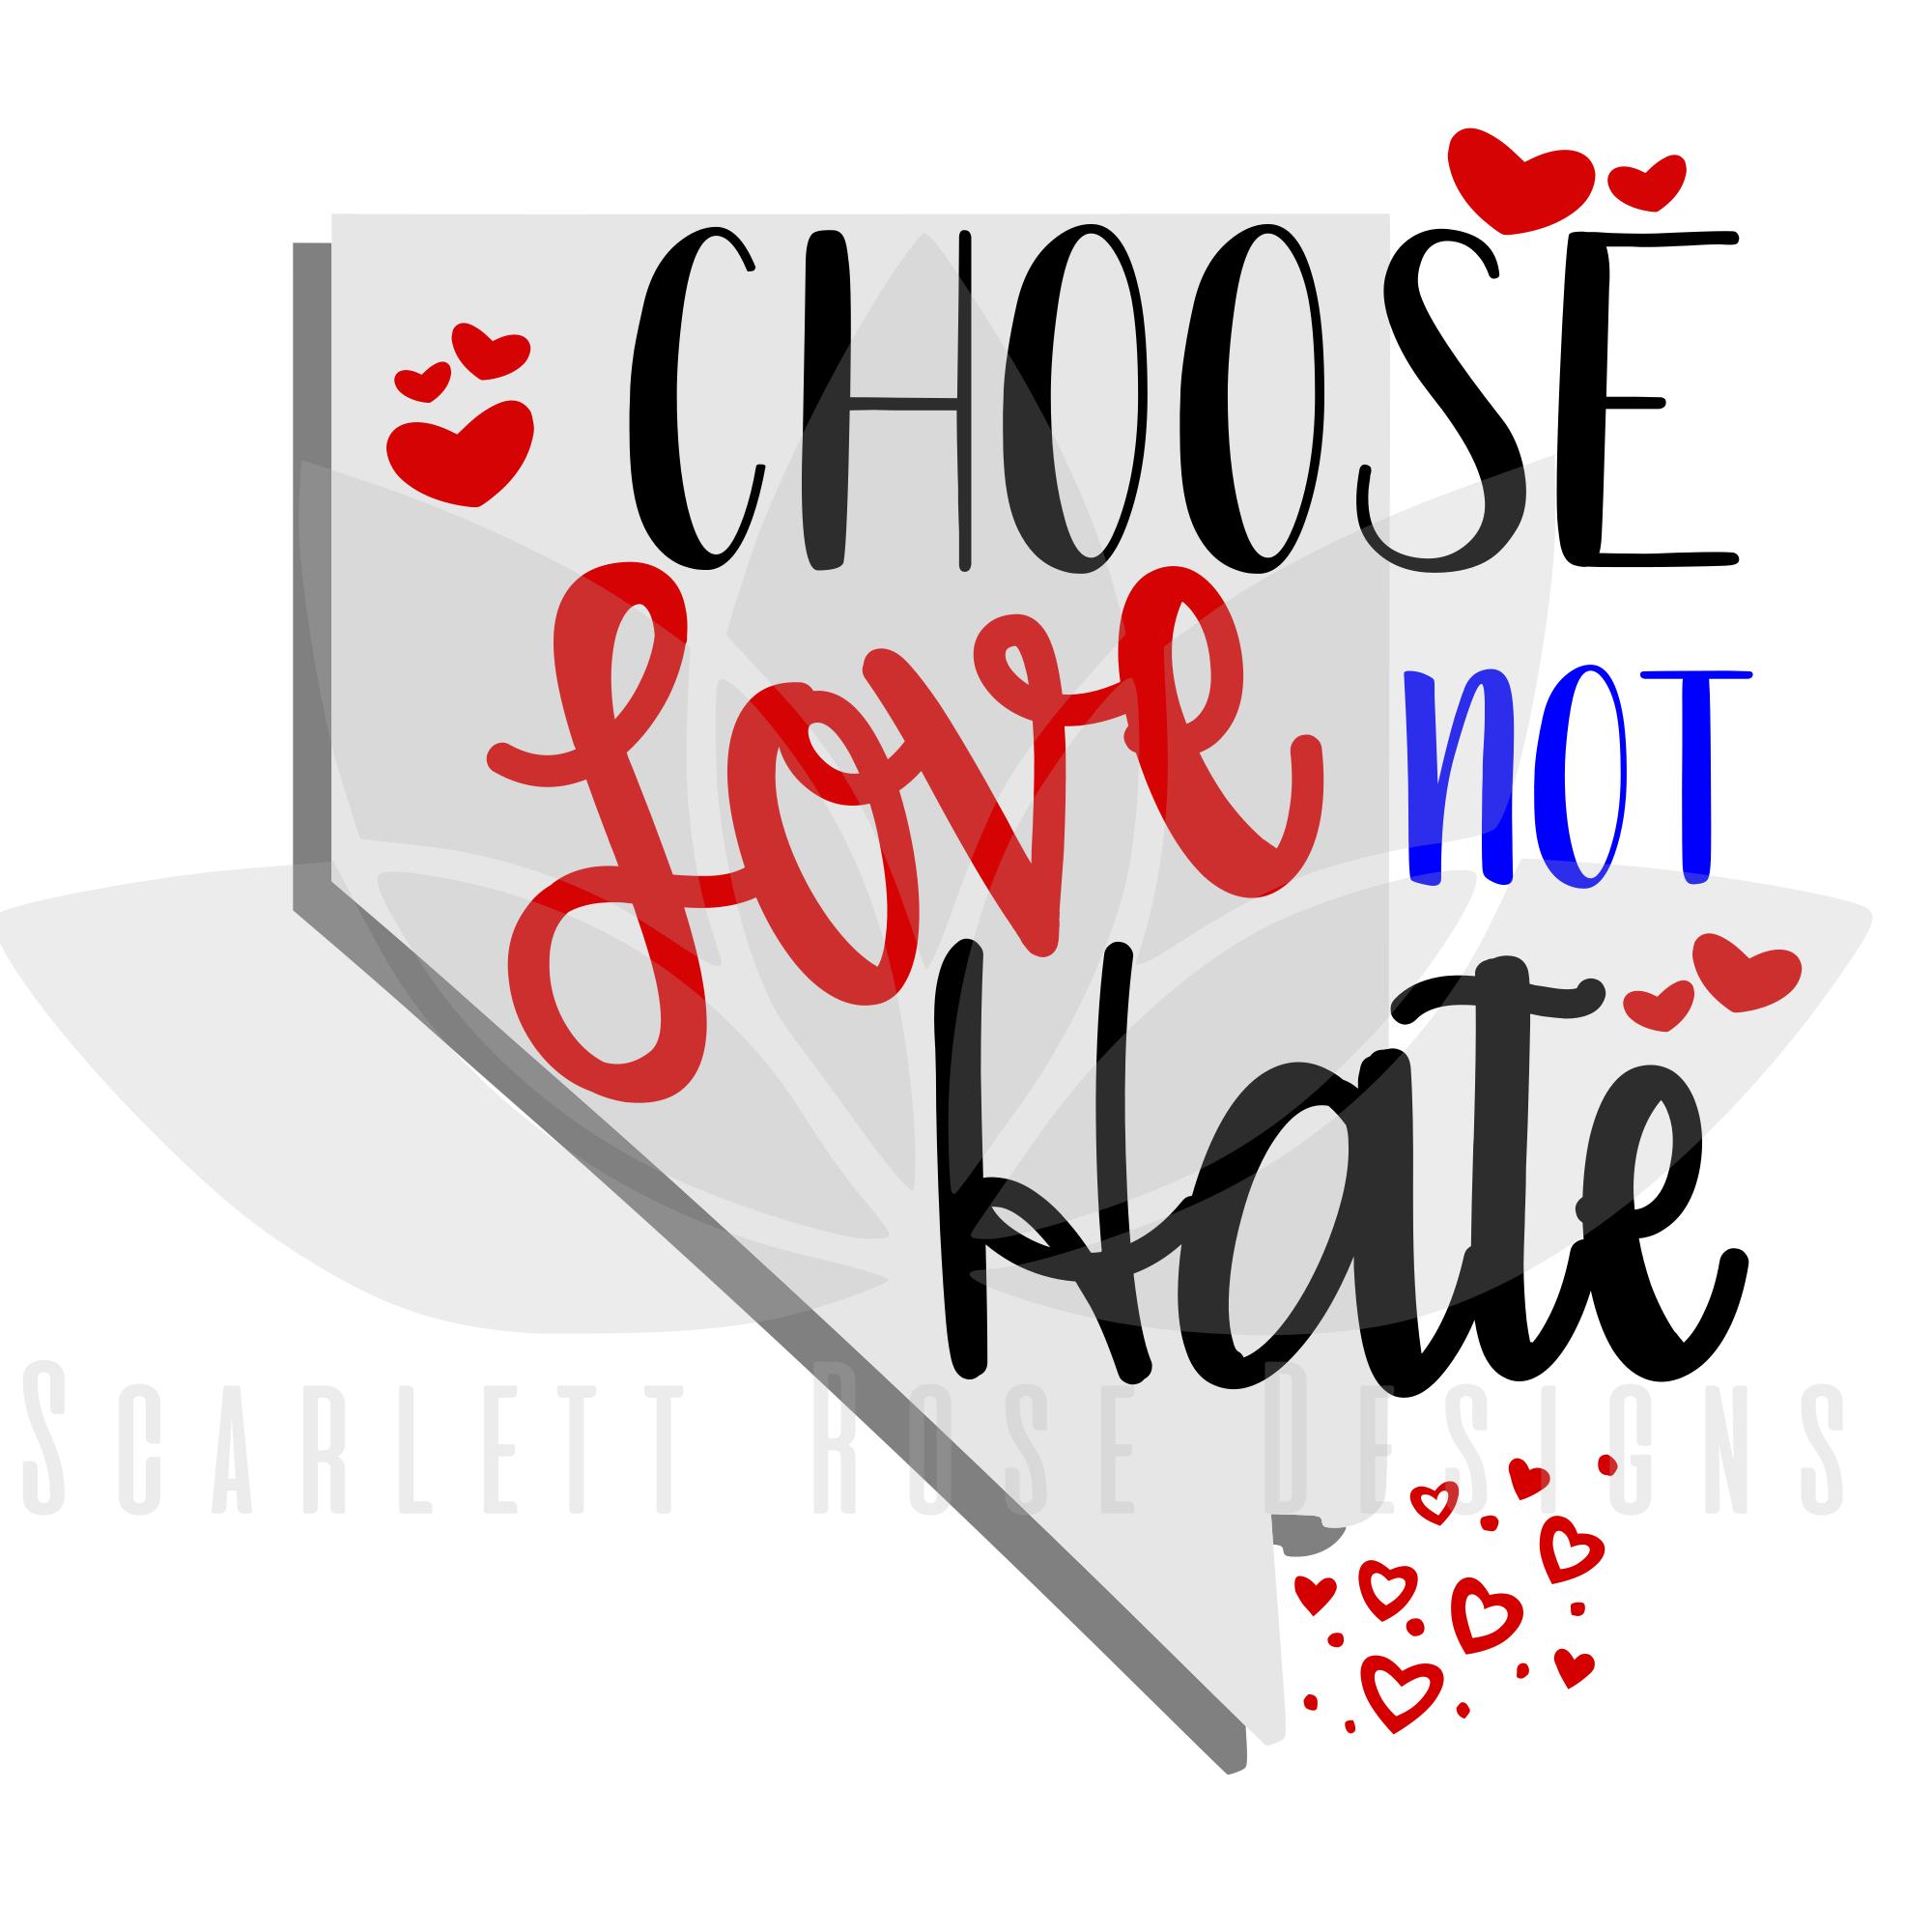 2000x2000 Choose Love Not Hate Las Vegas Nevada Svg Cut File Cutter Files